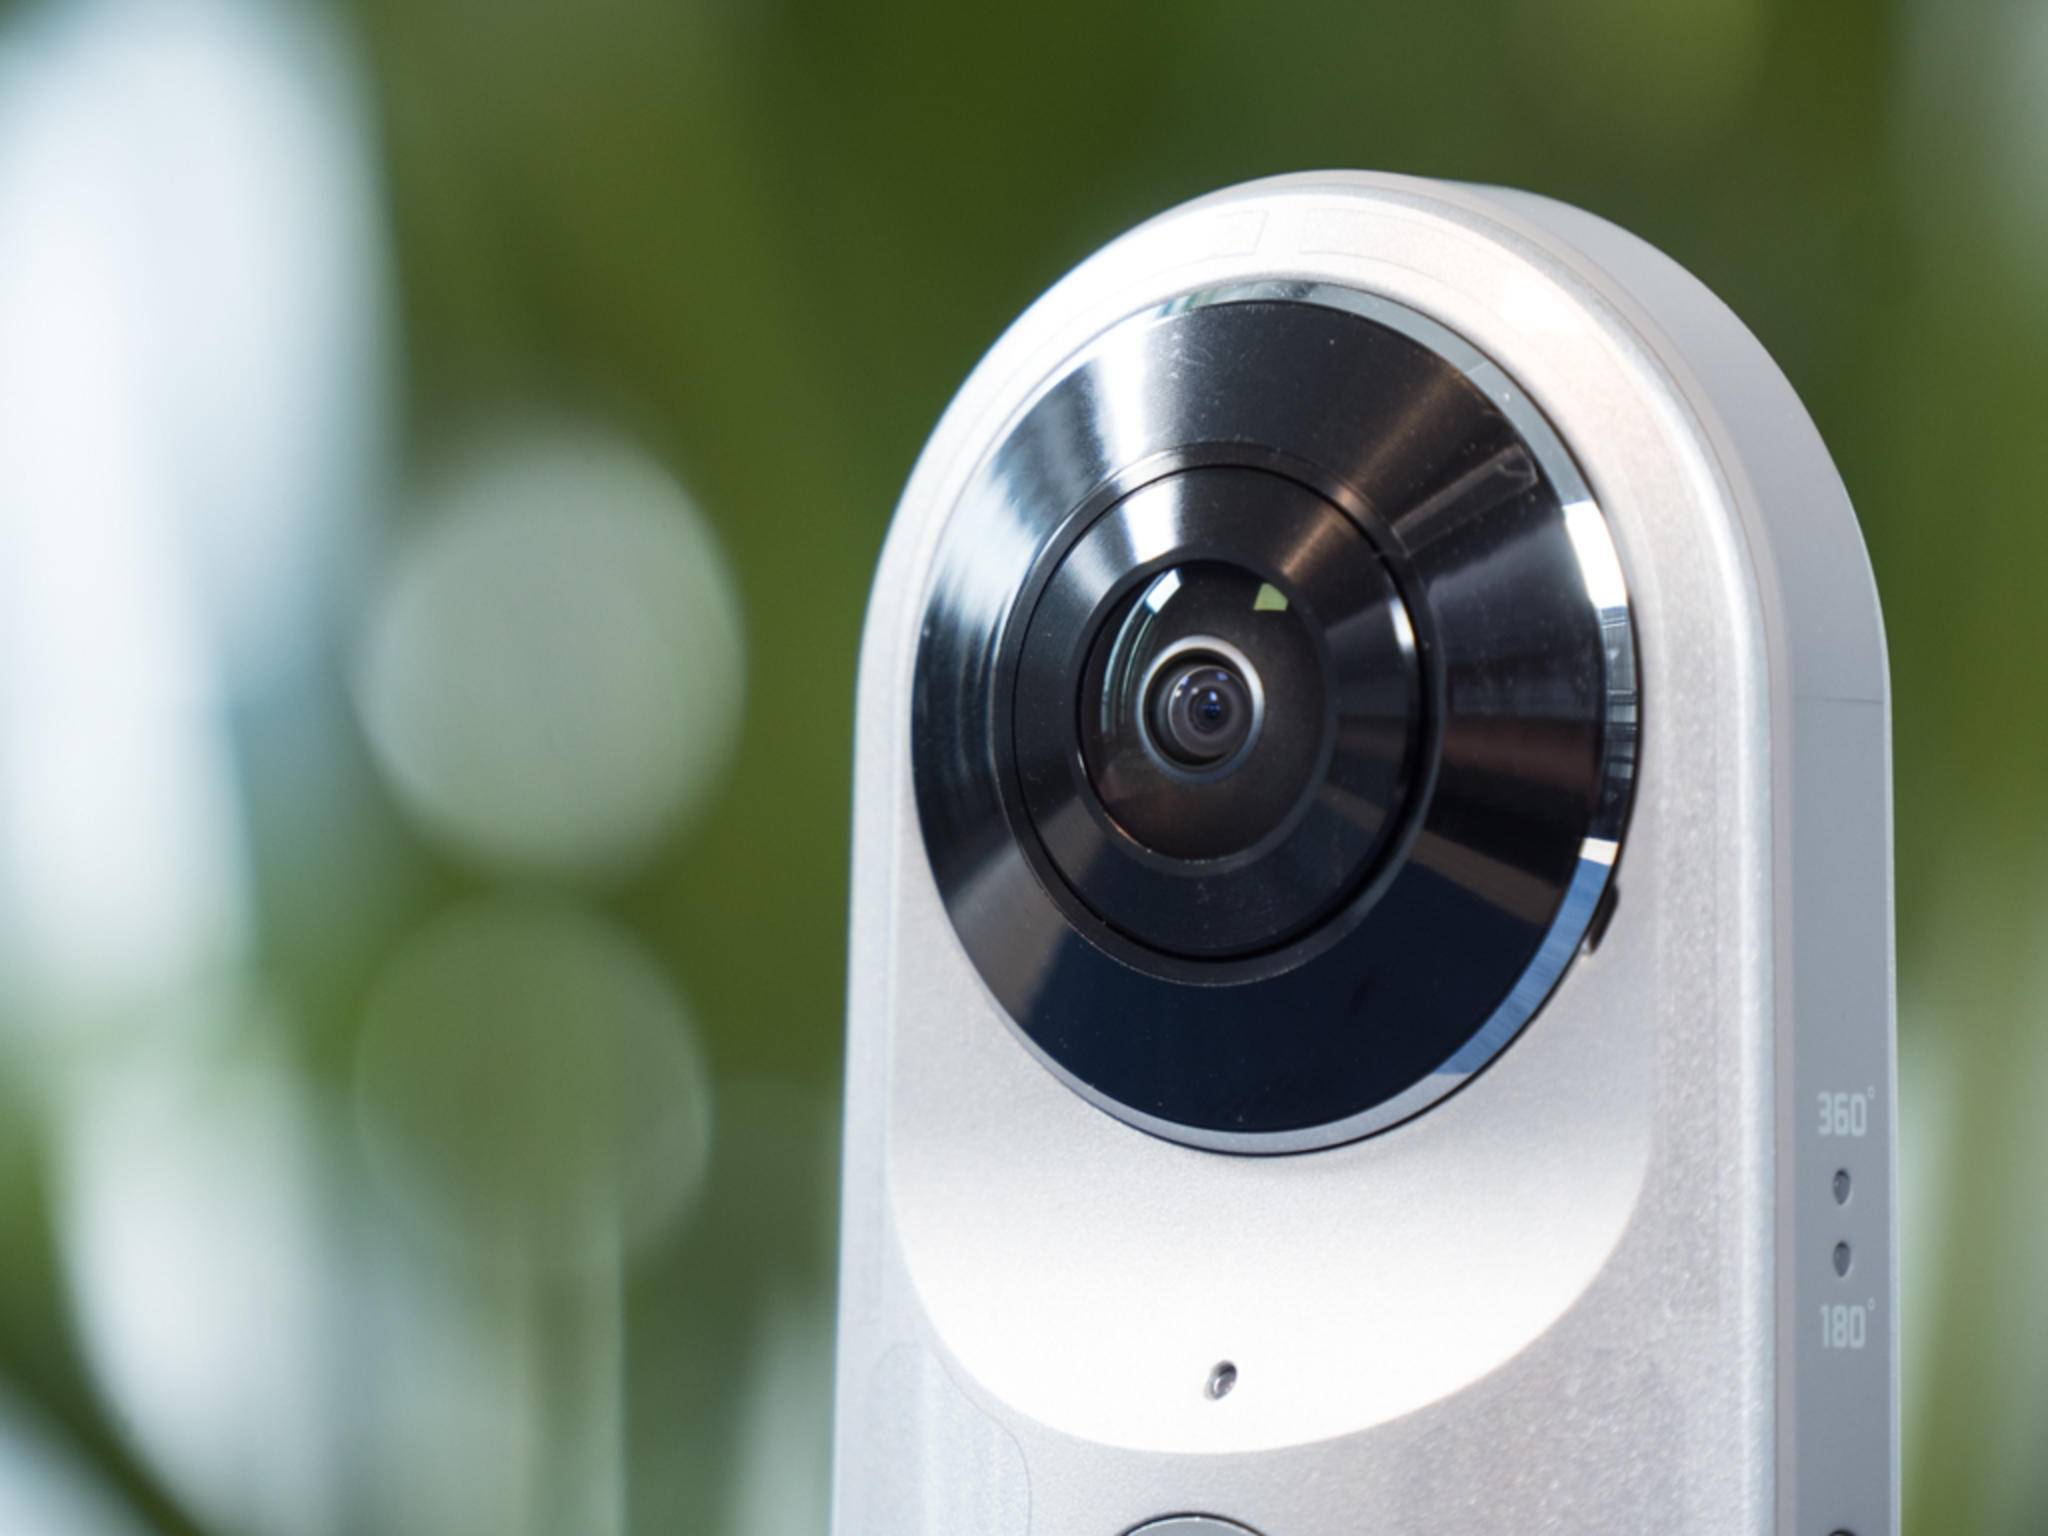 Mit der LG 360 Cam kommst Du der Virtual Reality ganz nah.